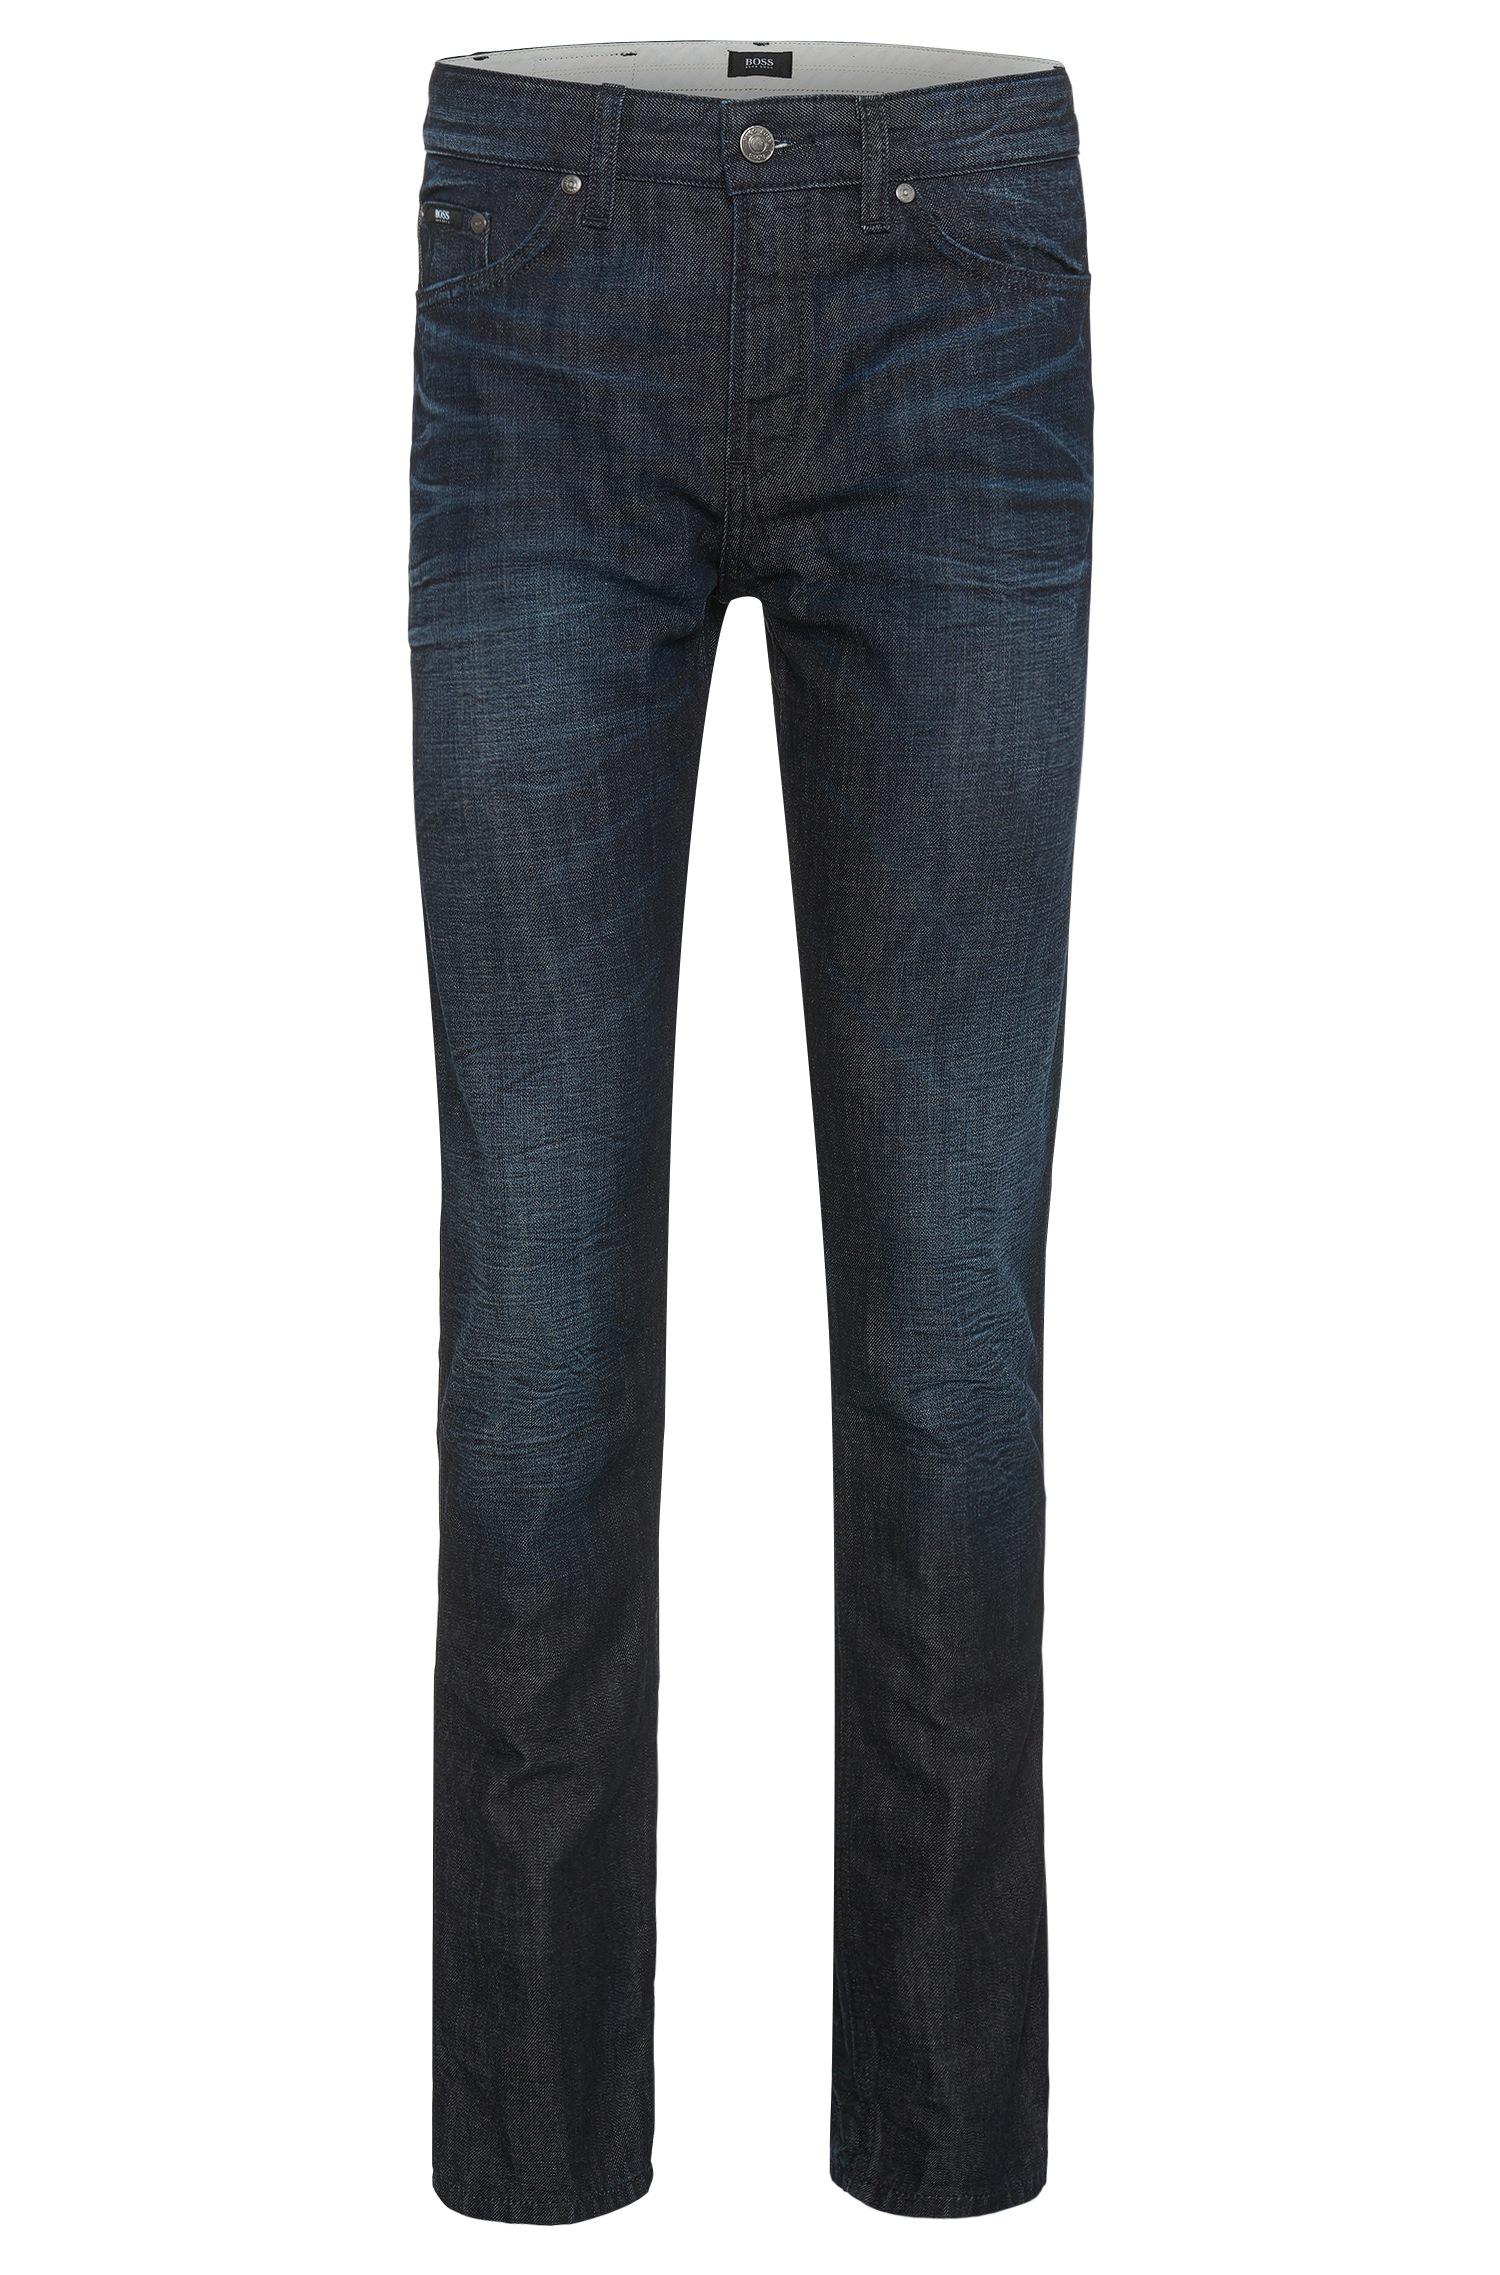 boss 39 delaware 39 slim fit 12 oz cotton jeans in blue for. Black Bedroom Furniture Sets. Home Design Ideas